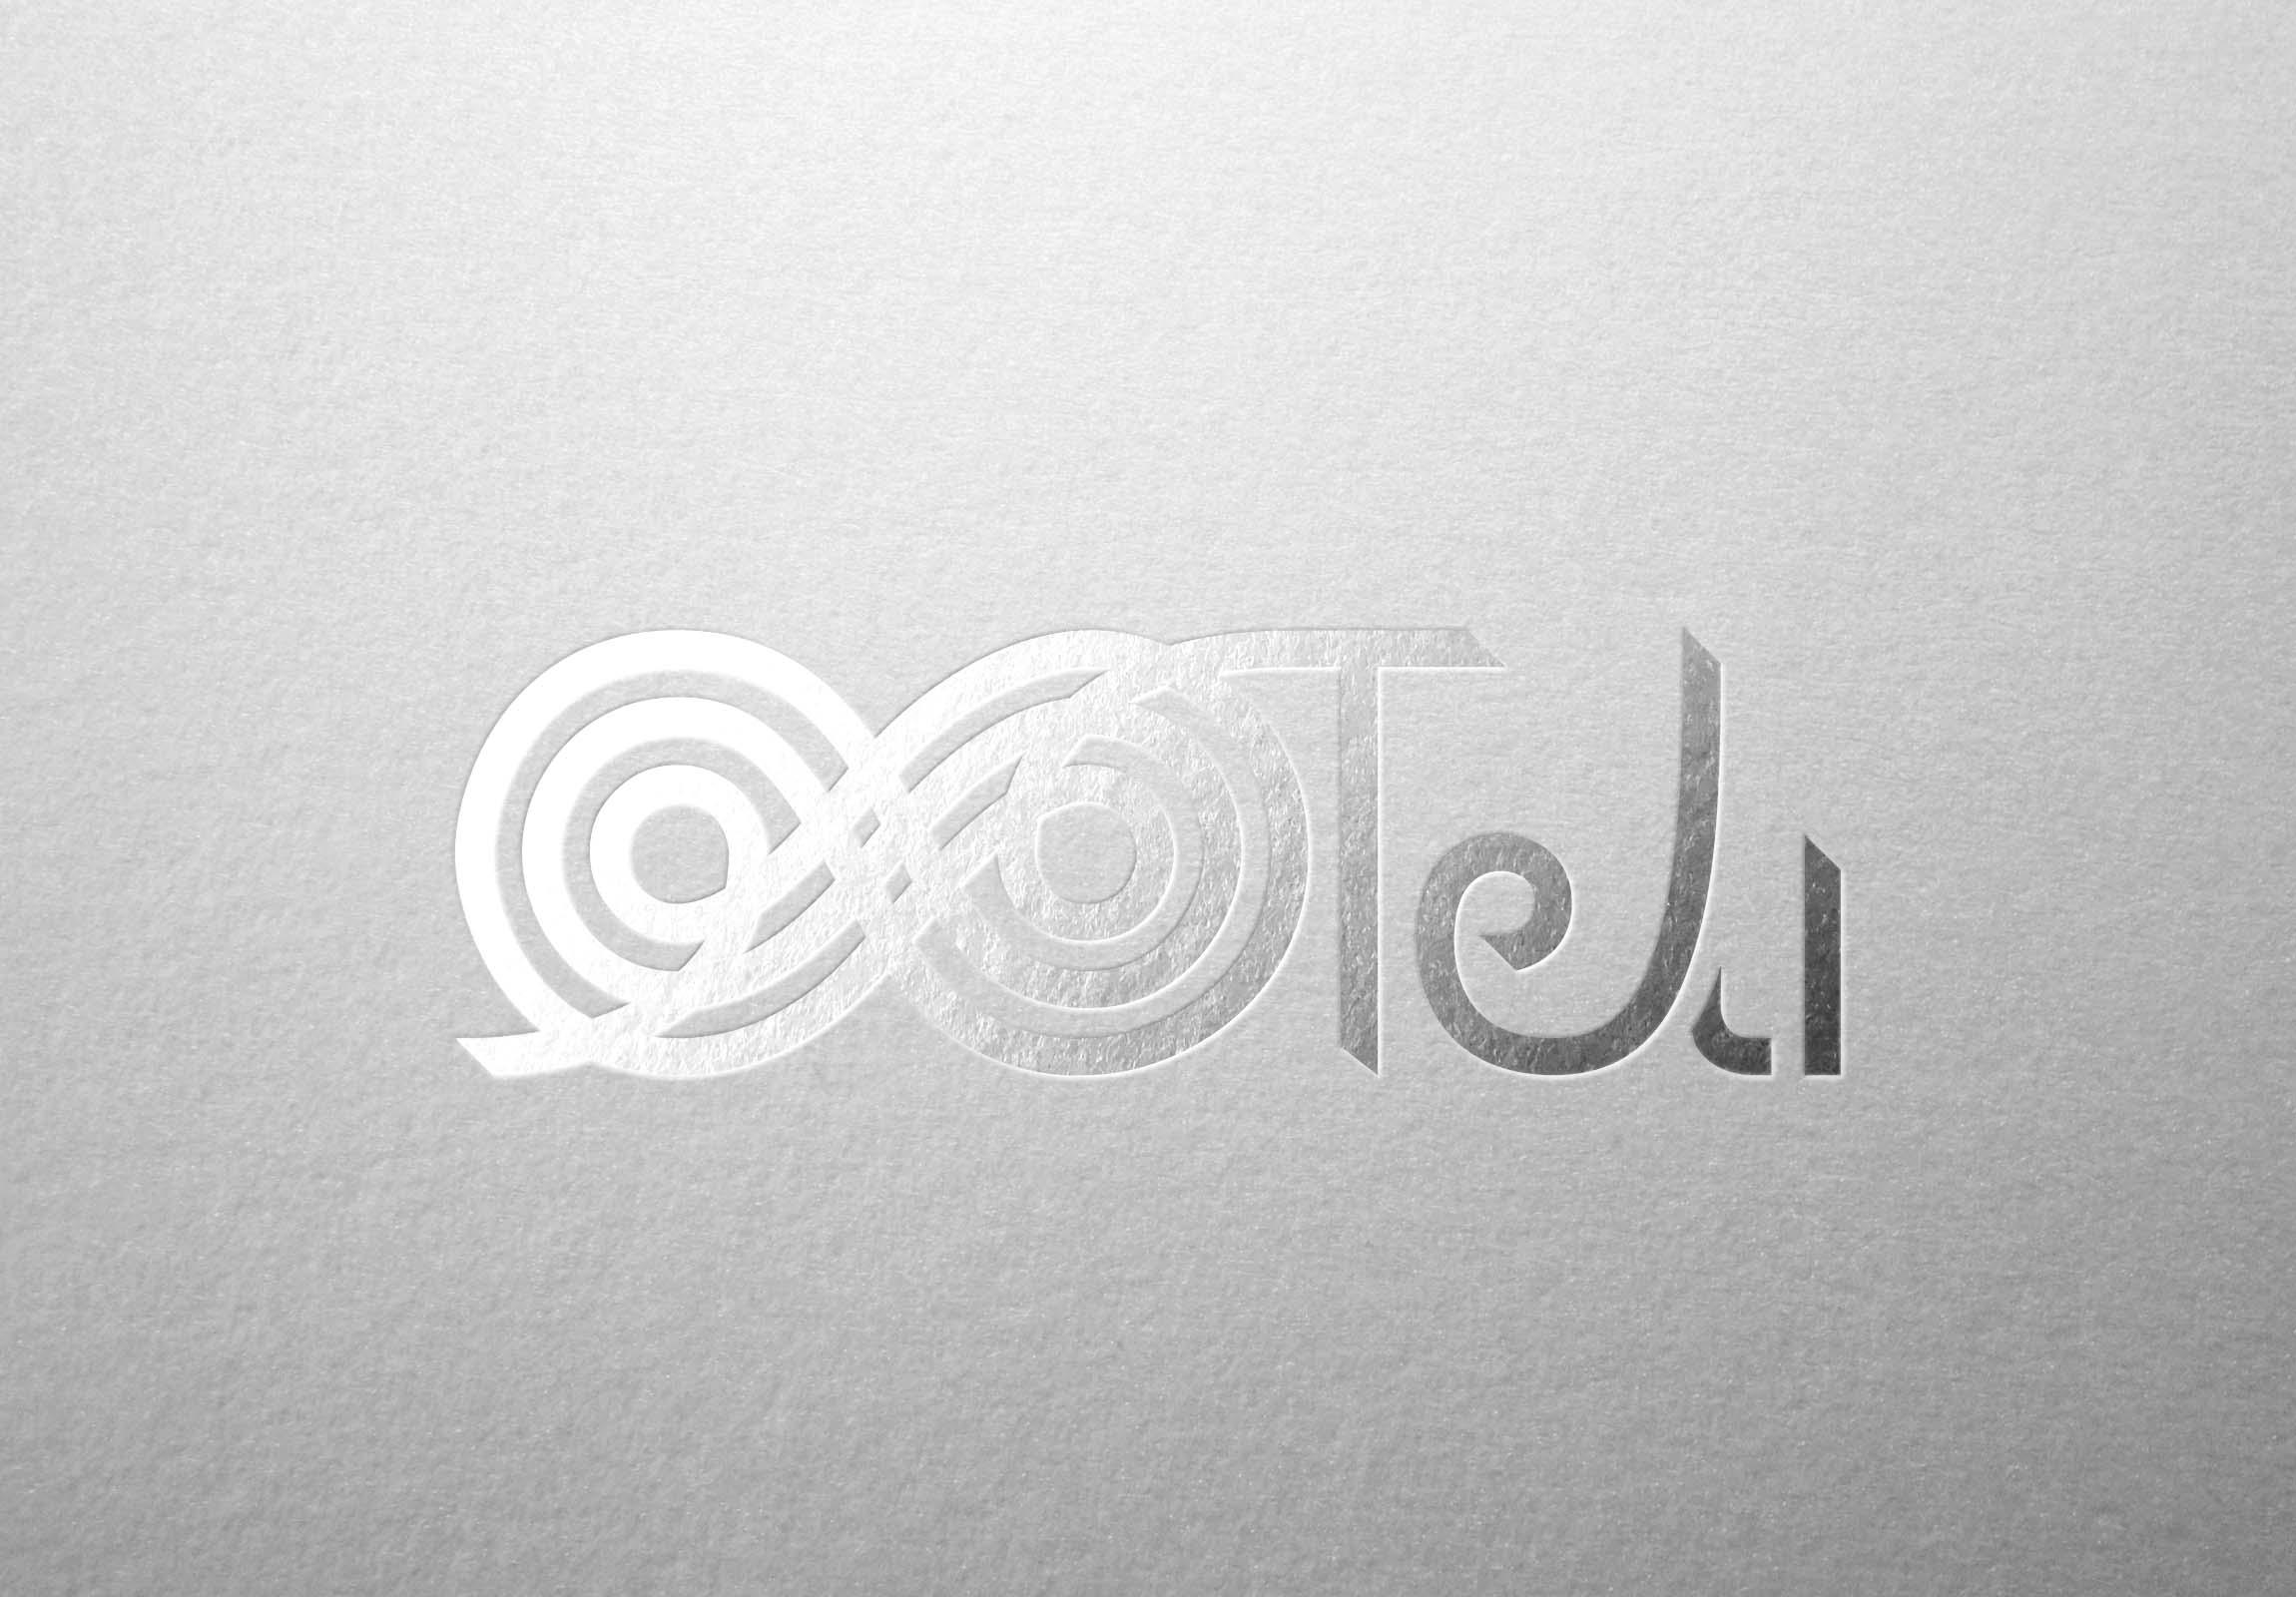 Разработка логотипа и фирменного стиля фото f_23858fdf6bf50734.jpg